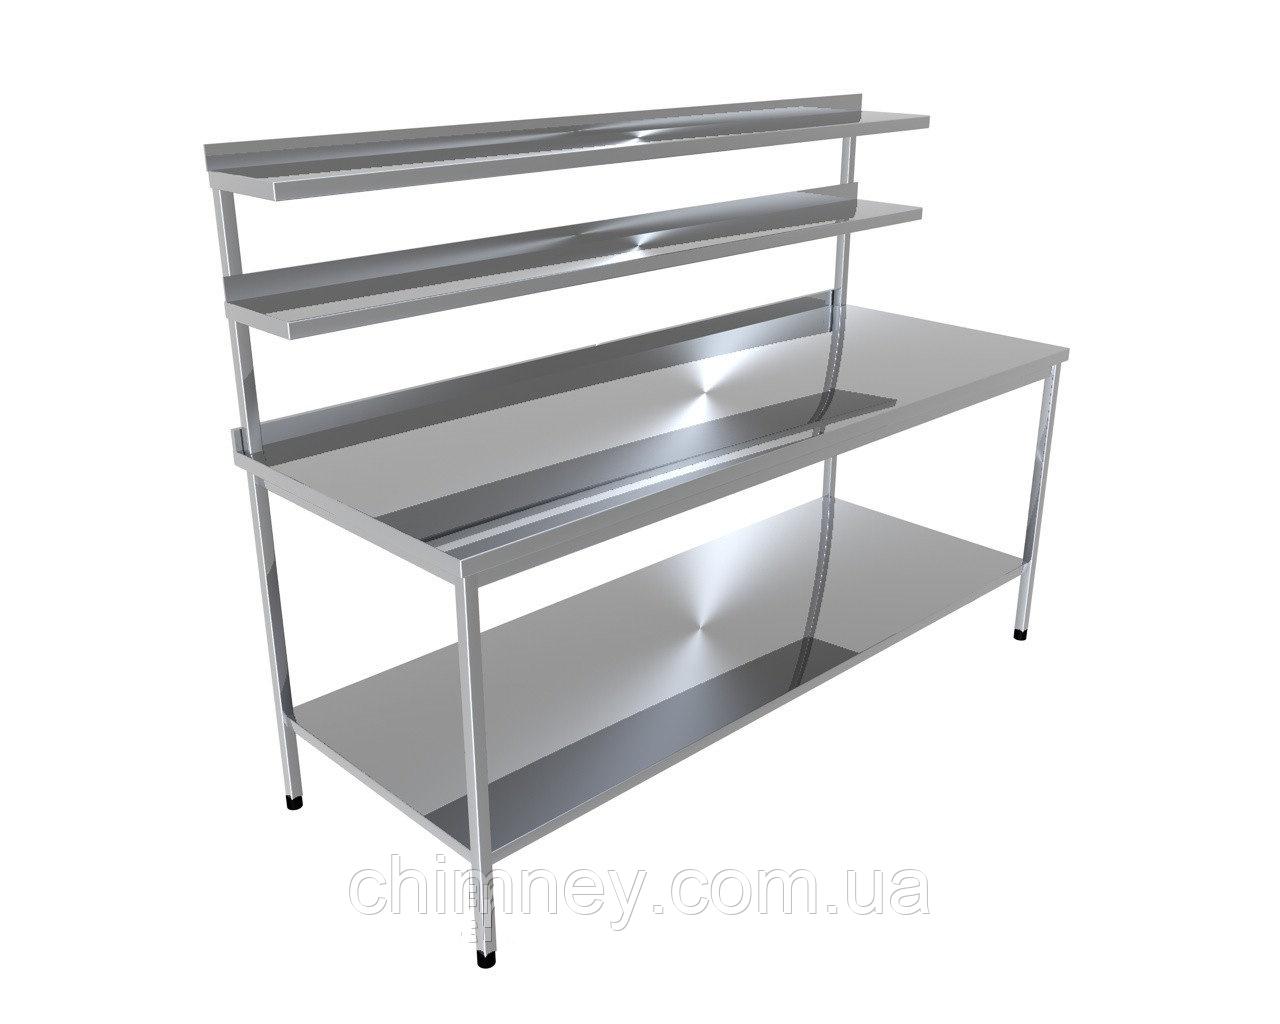 Стіл виробничий з двома верхніми полицями і однієї нижньої CHIMNEYBUD, 900x900x850 мм (нержавіюча сталь/304)